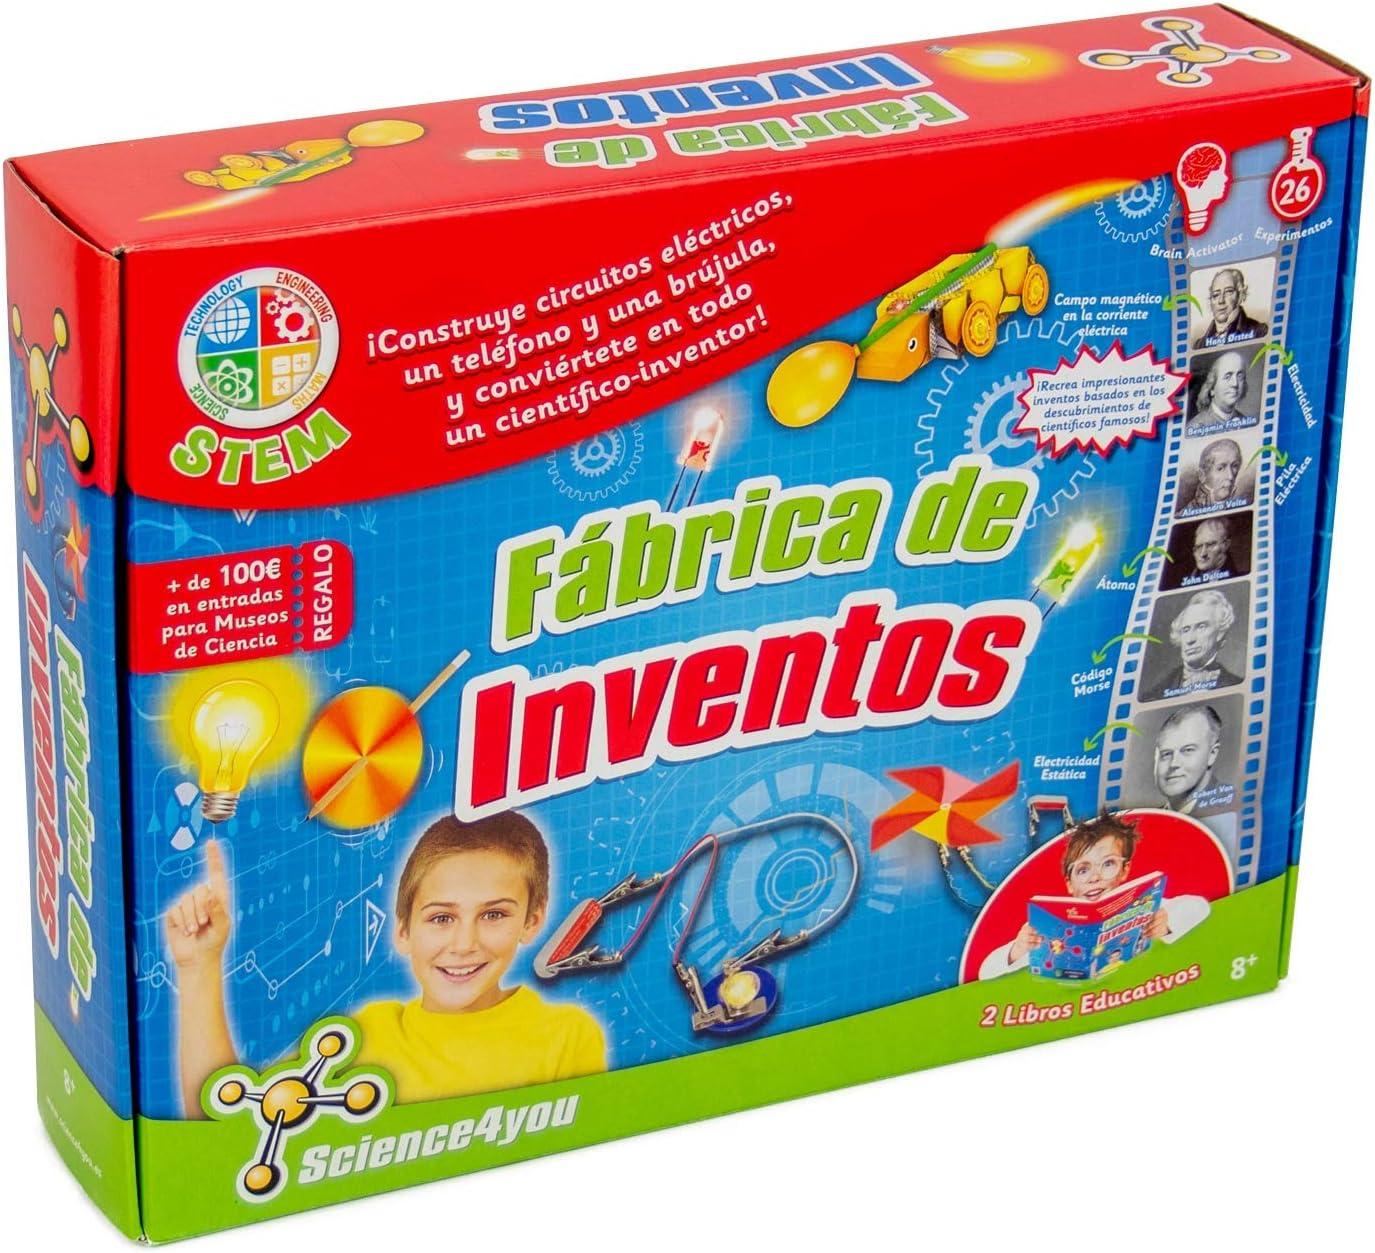 Science4you-5600983600225 Fábrica de Inventos, Juguete Educativo y Científico para Niños +8 Años, Multicolor, única (600225): Amazon.es: Juguetes y juegos